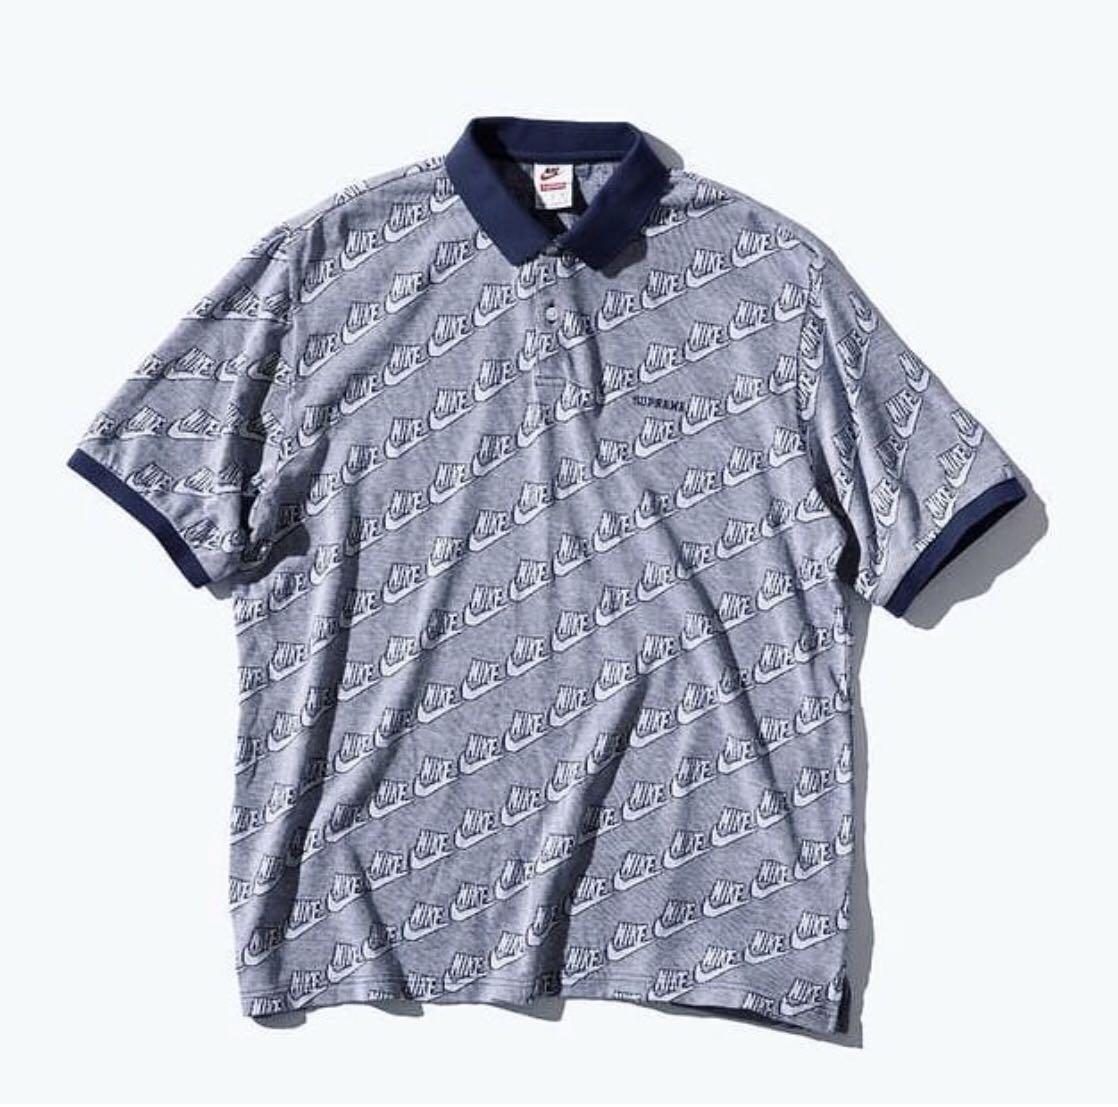 5cfc1cfc Supreme x nike jacquard polo black Size M, Men's Fashion, Clothes ...